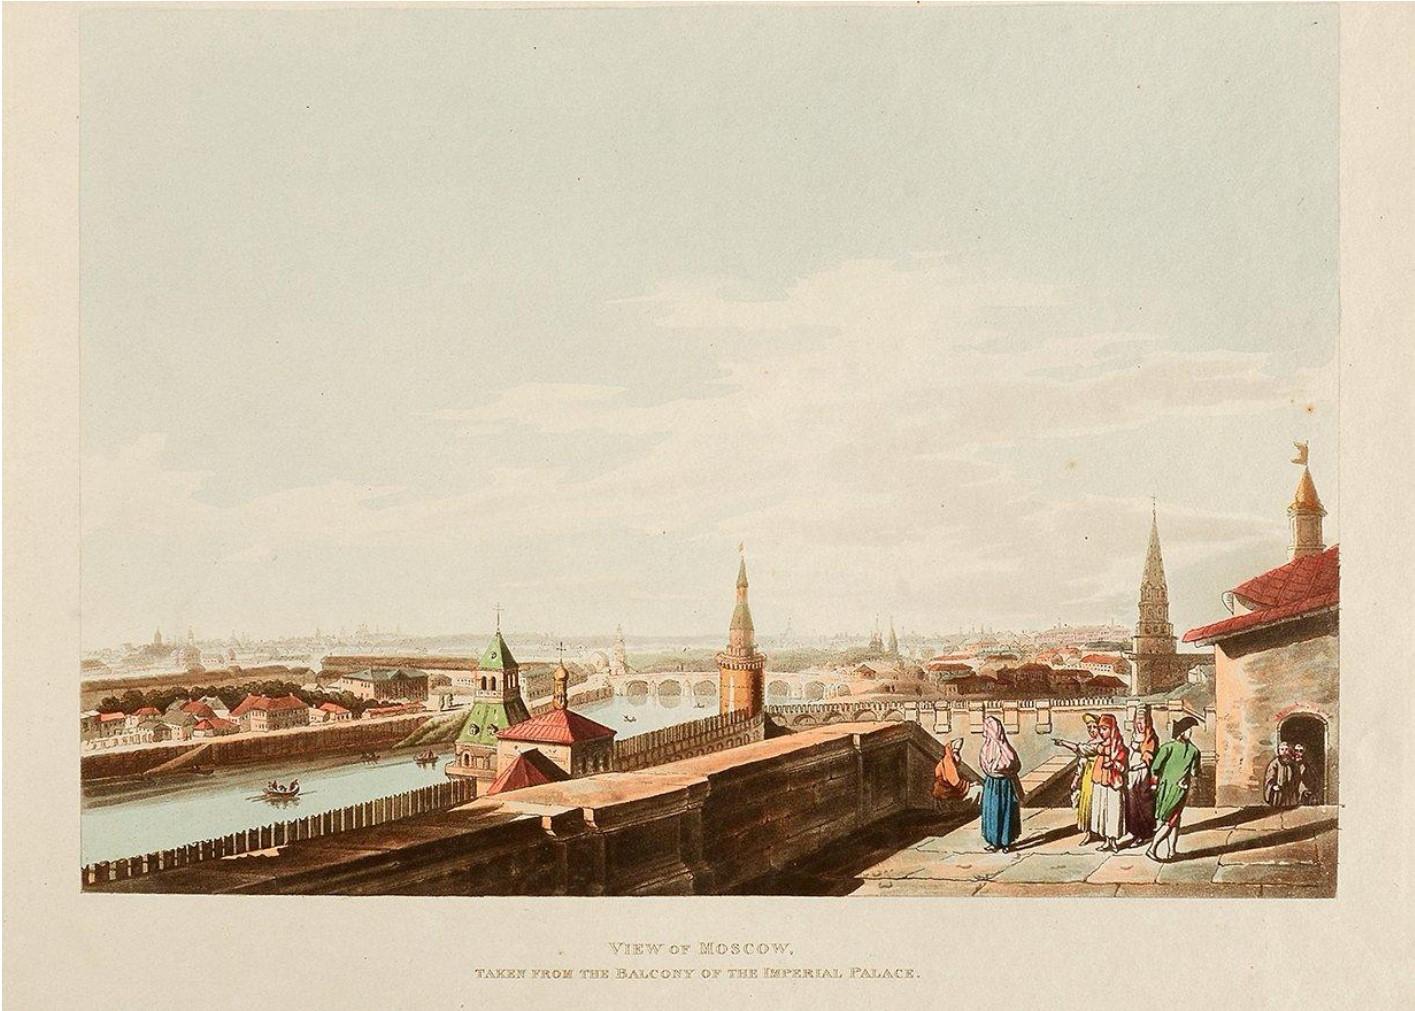 Вид Москвы, снятый с балкона Императорского дворца по правую сторону